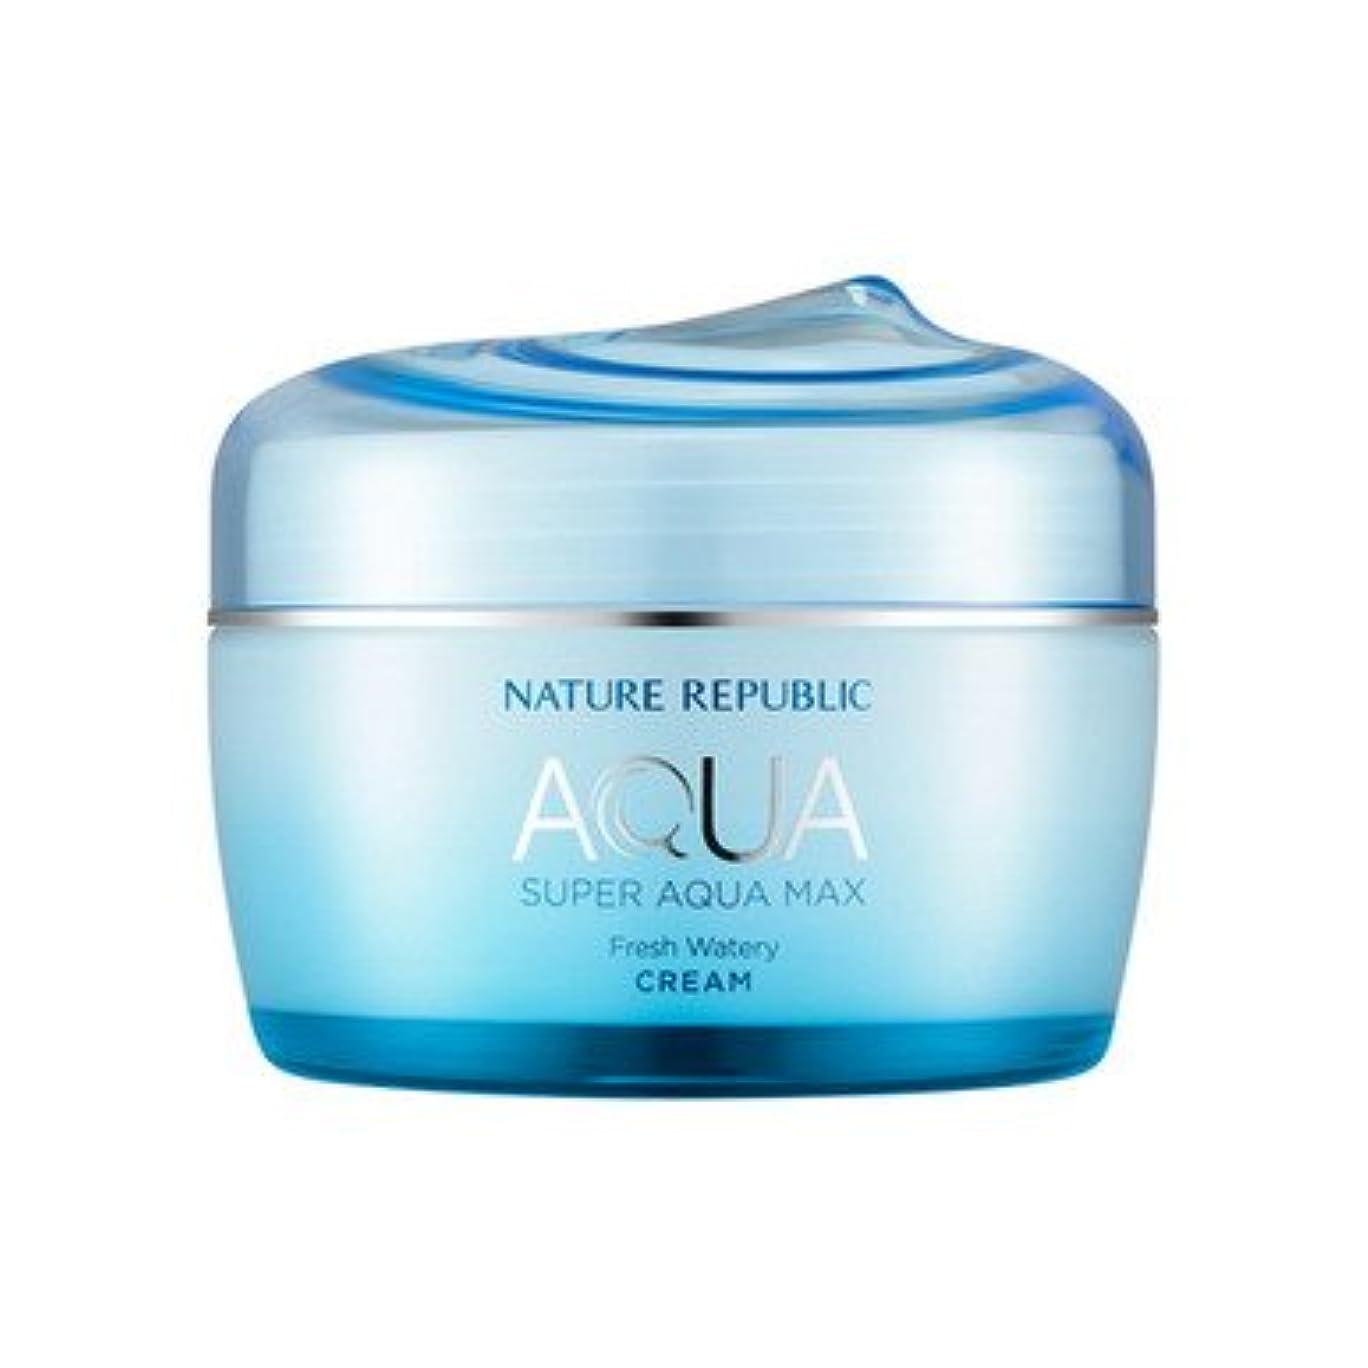 和時一般的に言えばNATURE REPUBLIC (ネイチャーリパブリック) スーパーアクア マックス フレッシュ水分クリーム80ml(オイリー肌向け)(2015年リニューアル版) [並行輸入品]